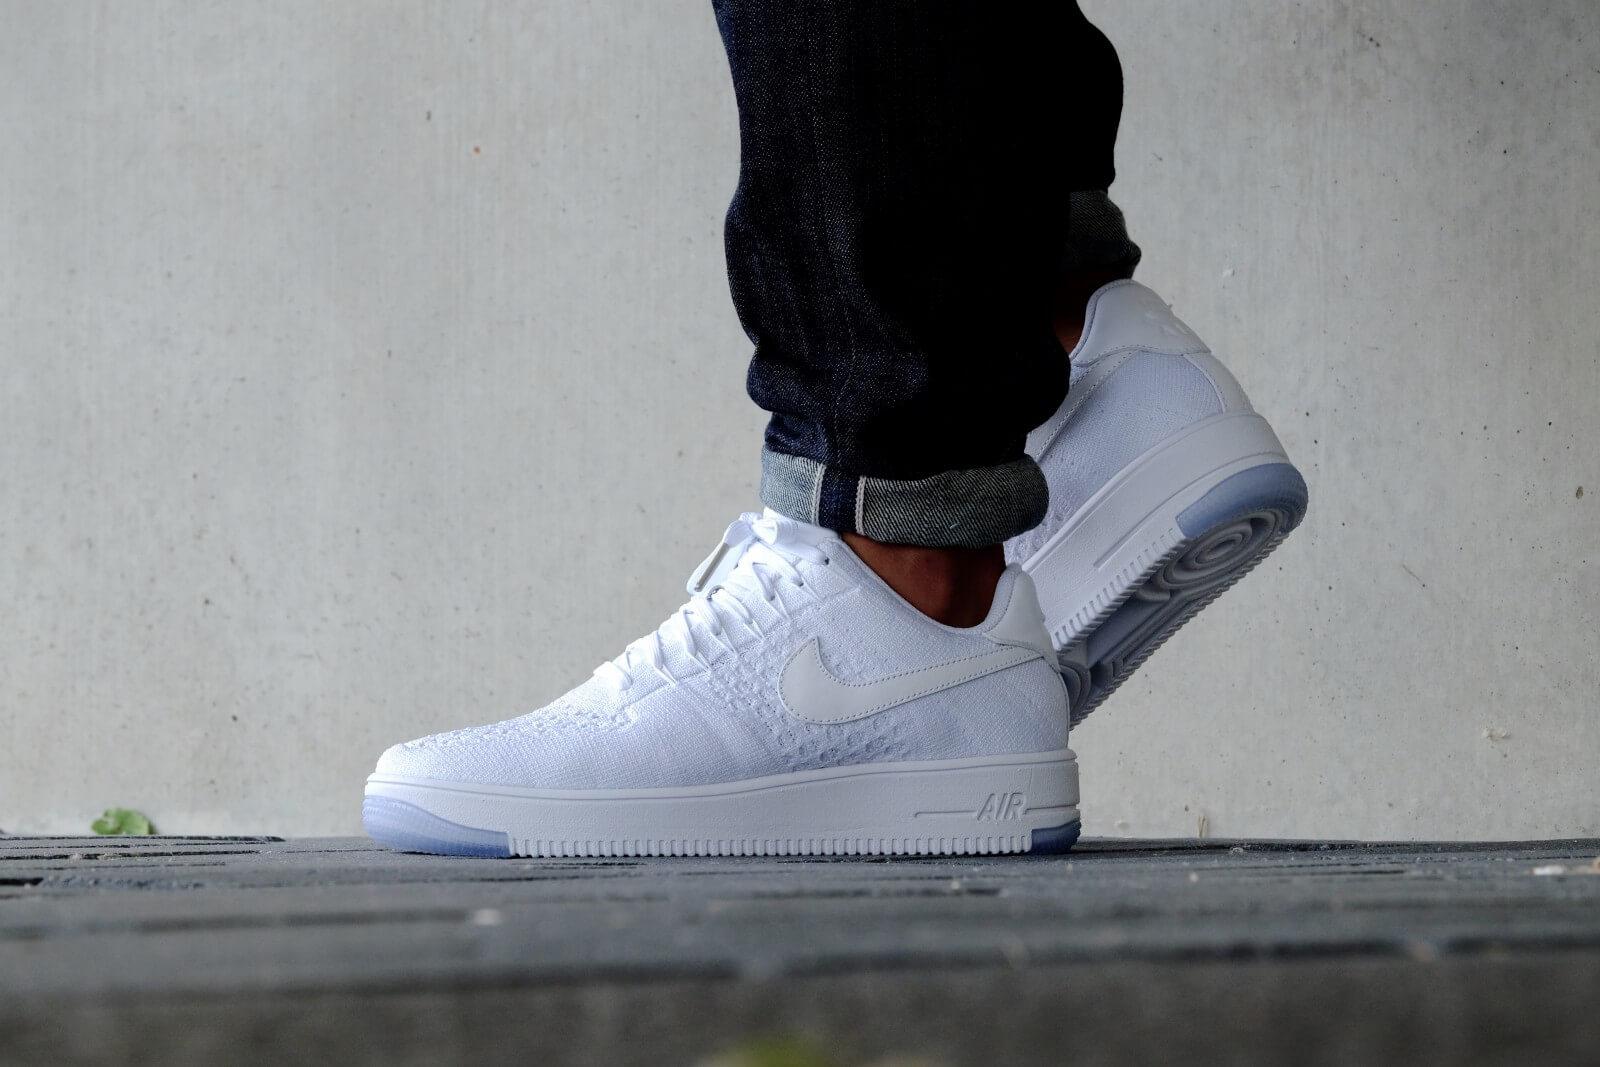 a99141d14d3 static.sneakerdistrict.nl images2 DSCF7124-16001-1...